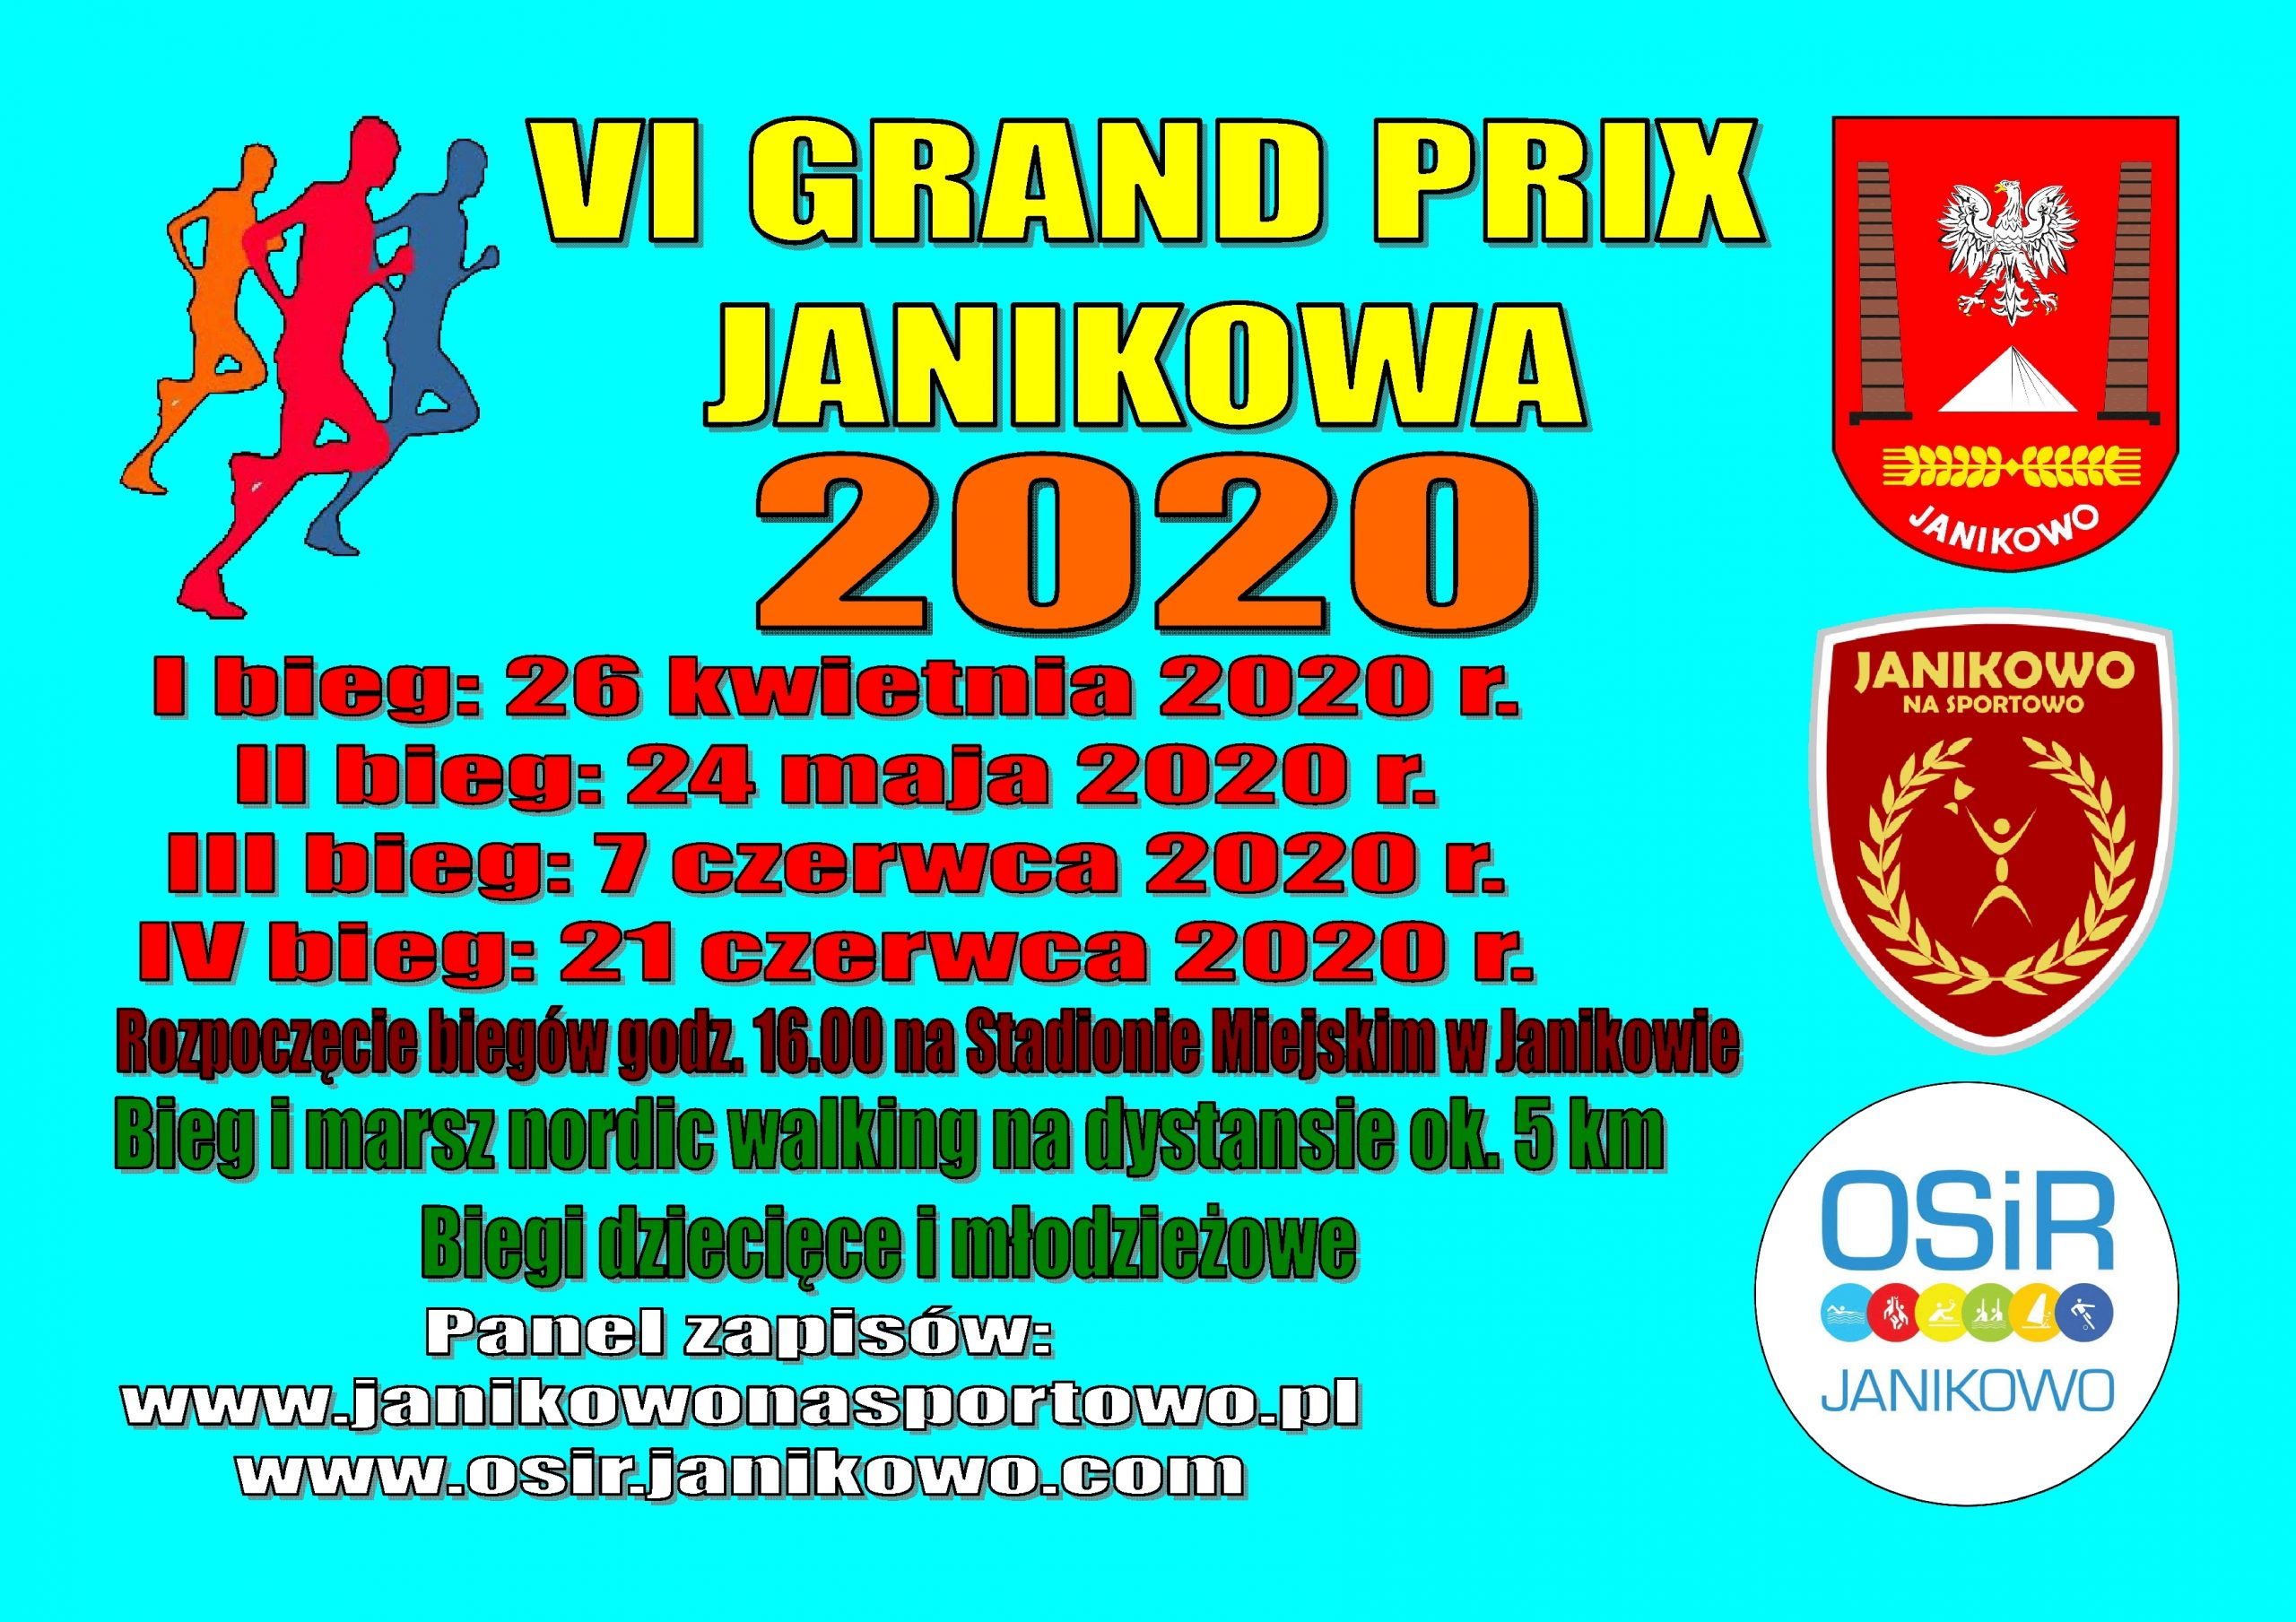 Grand Prix Janikowa